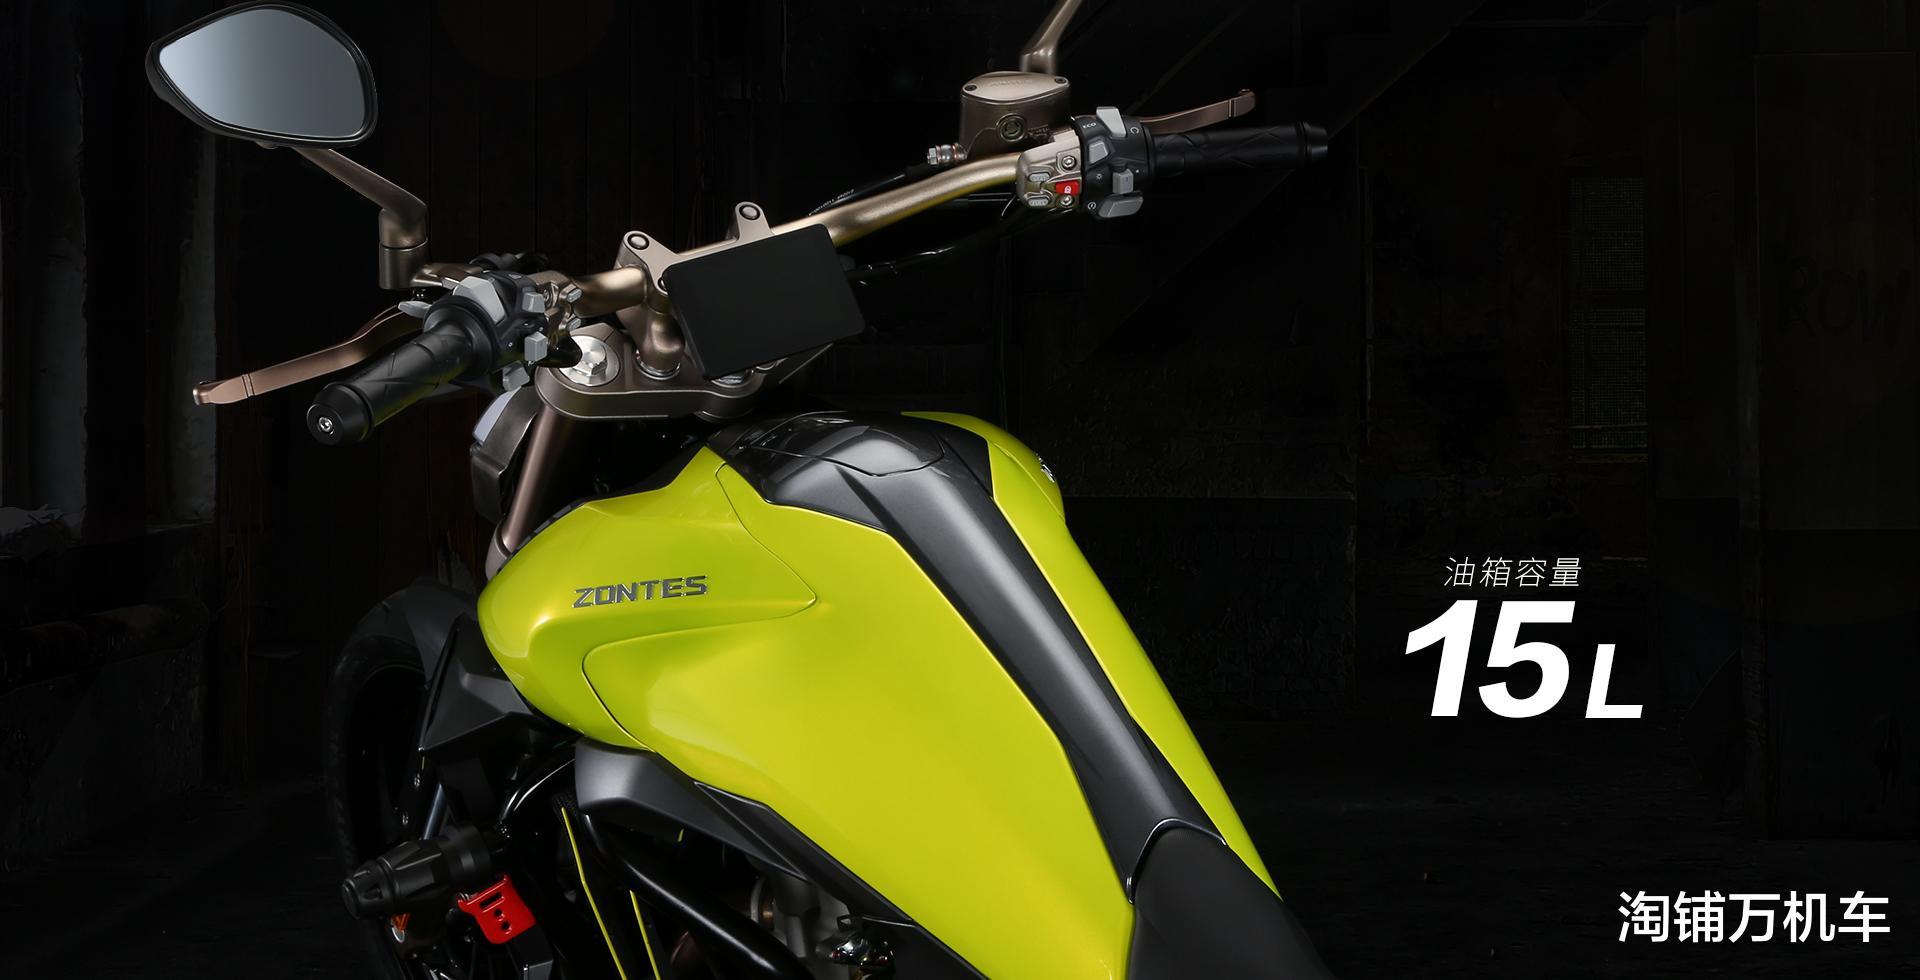 單搖臂科幻太子 升仕310V1正式上市 售價27800元-圖9